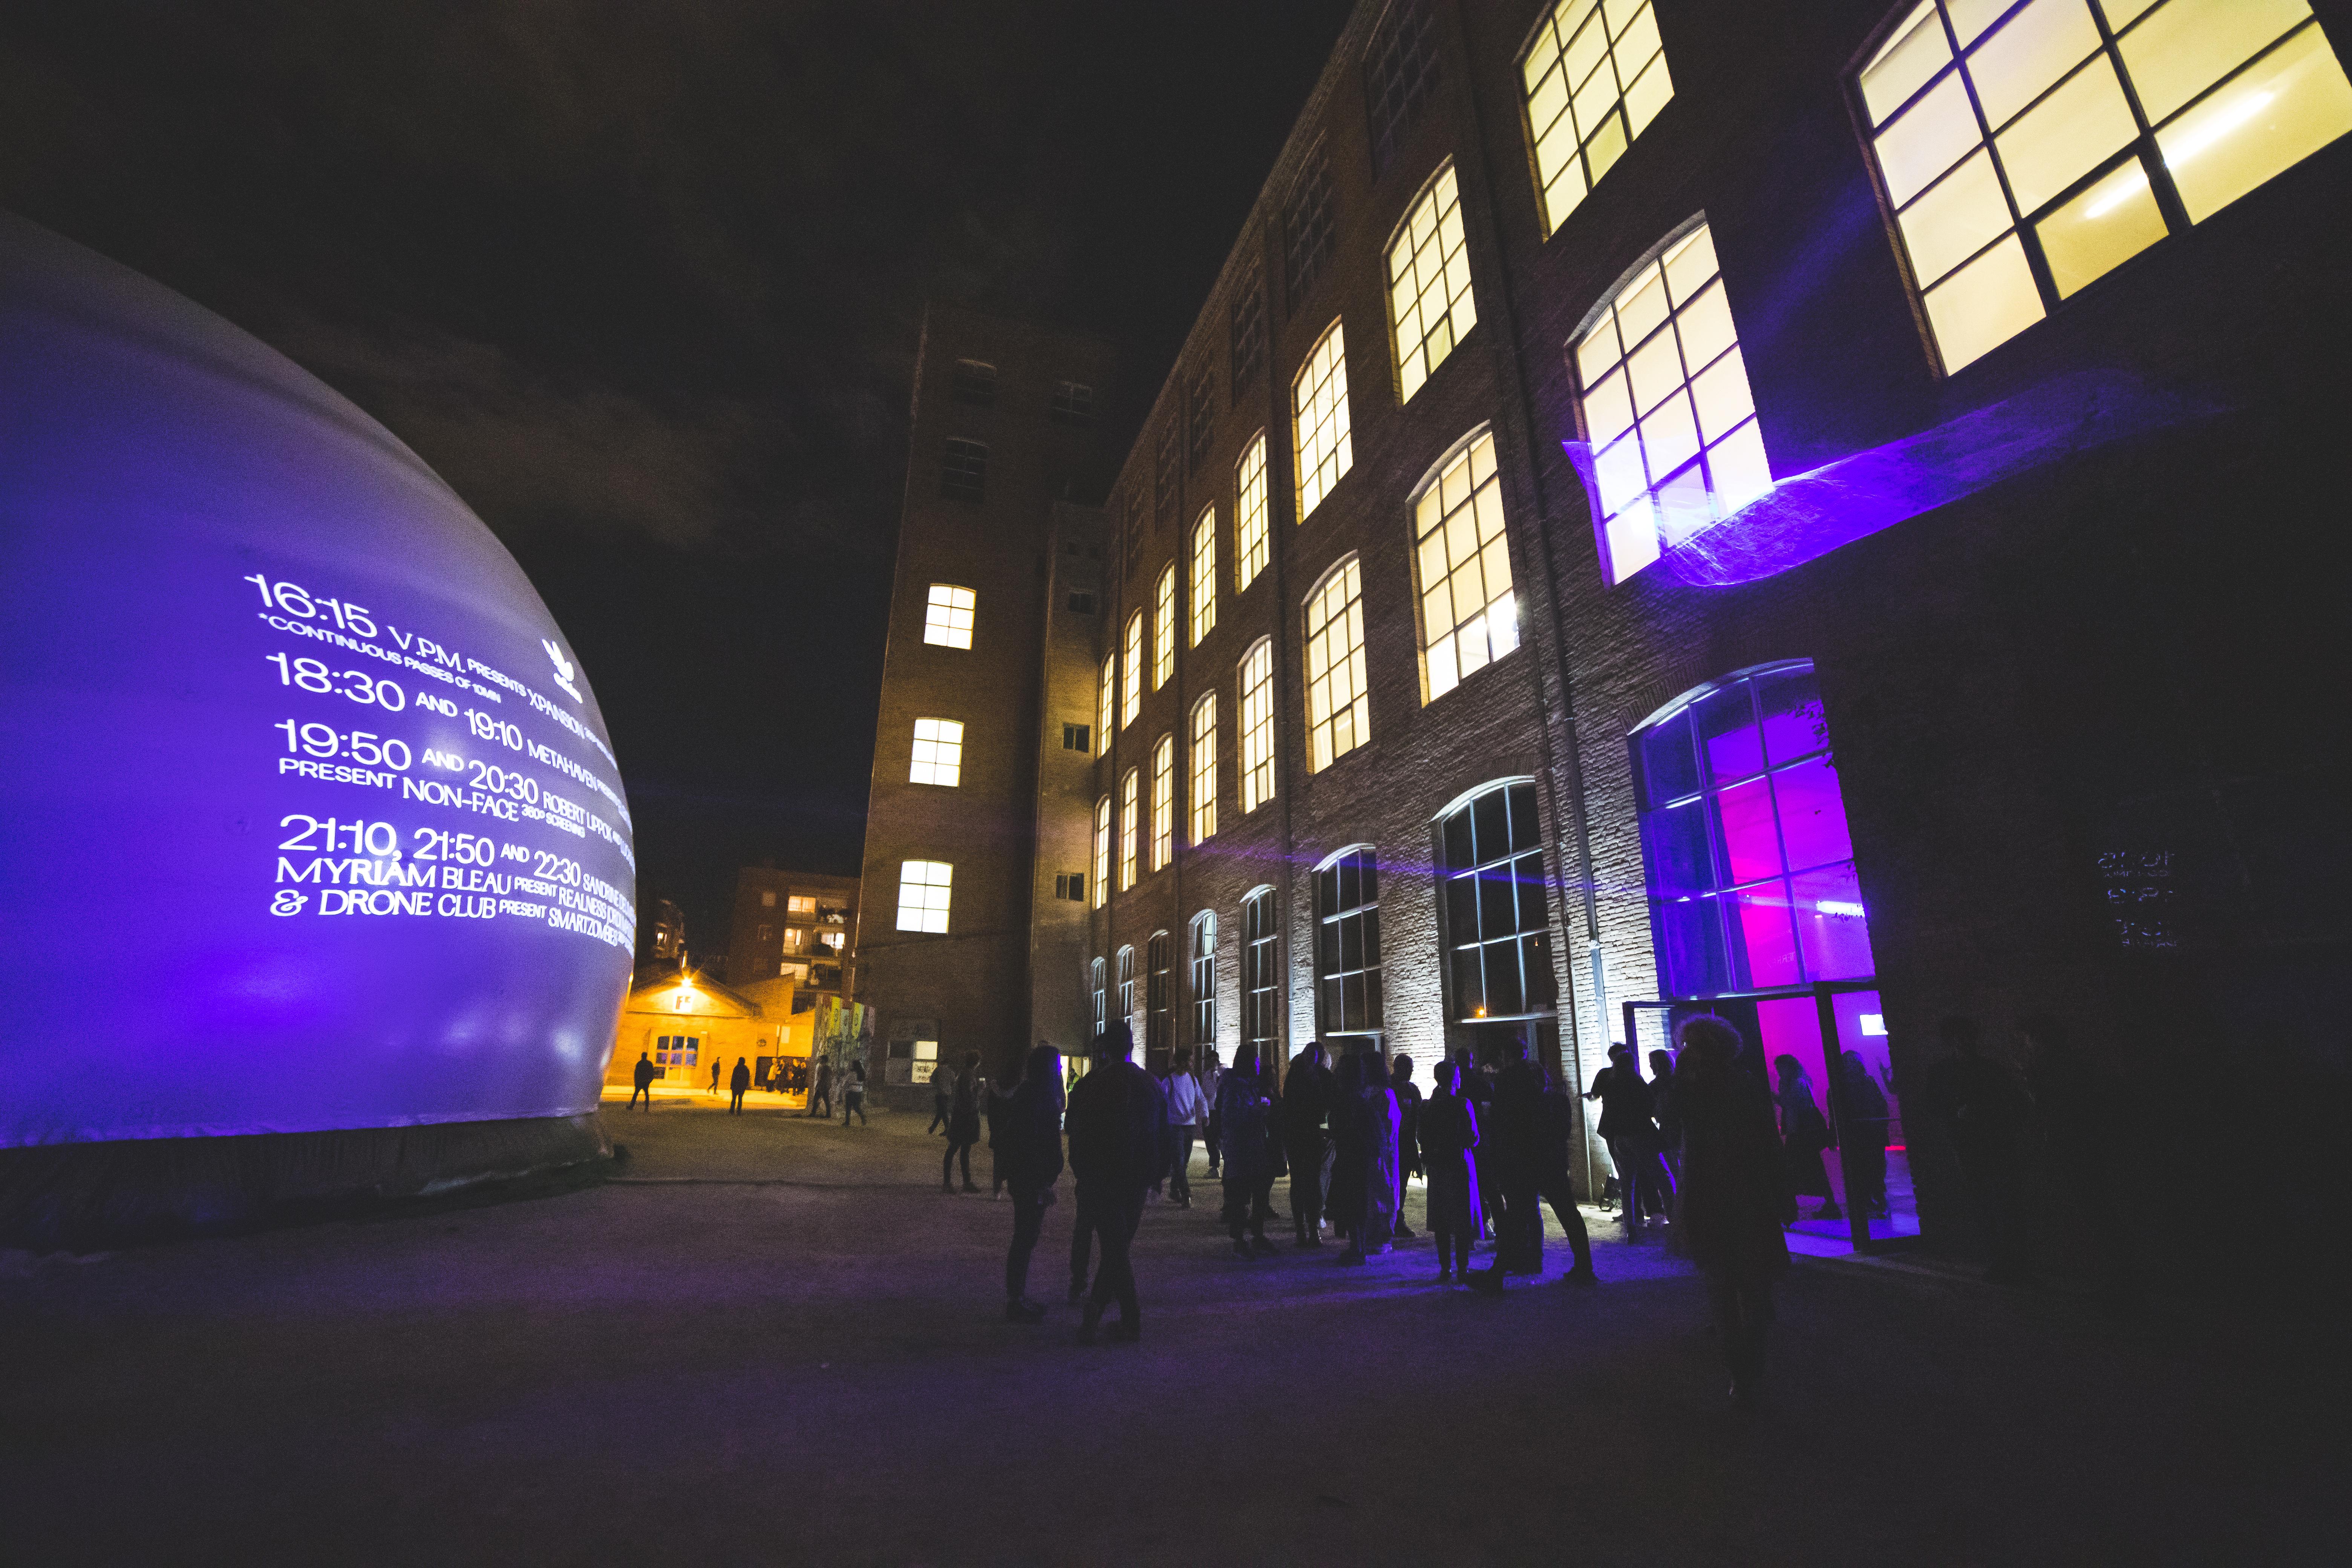 MIRA 2019: Inmersión en la contemporaneidad de las artes digitales